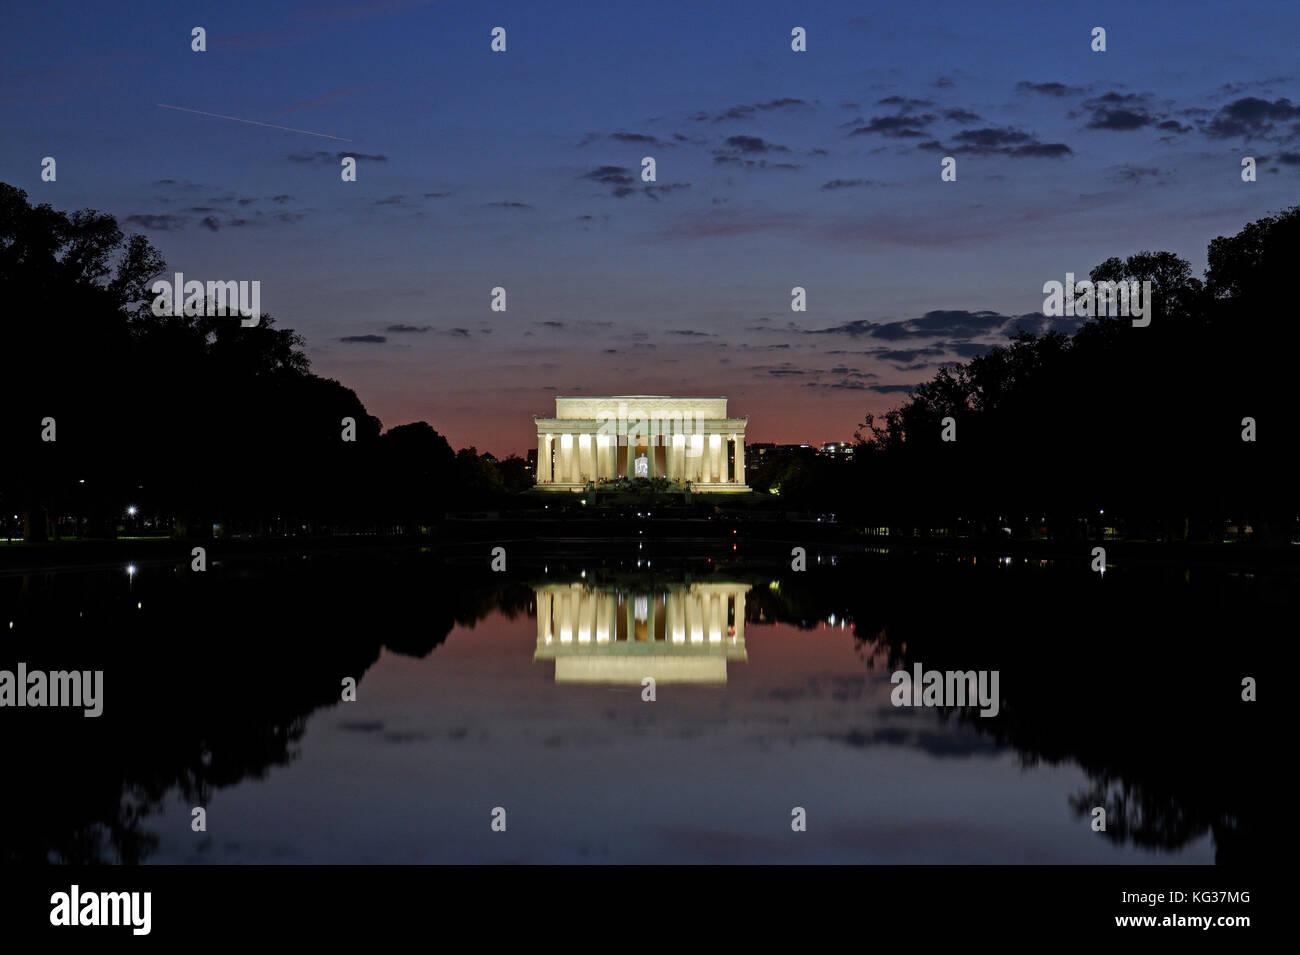 Tramonto sulla piscina riflettente e il Lincoln Memorial, Washington DC, Stati Uniti d'America. Immagini Stock